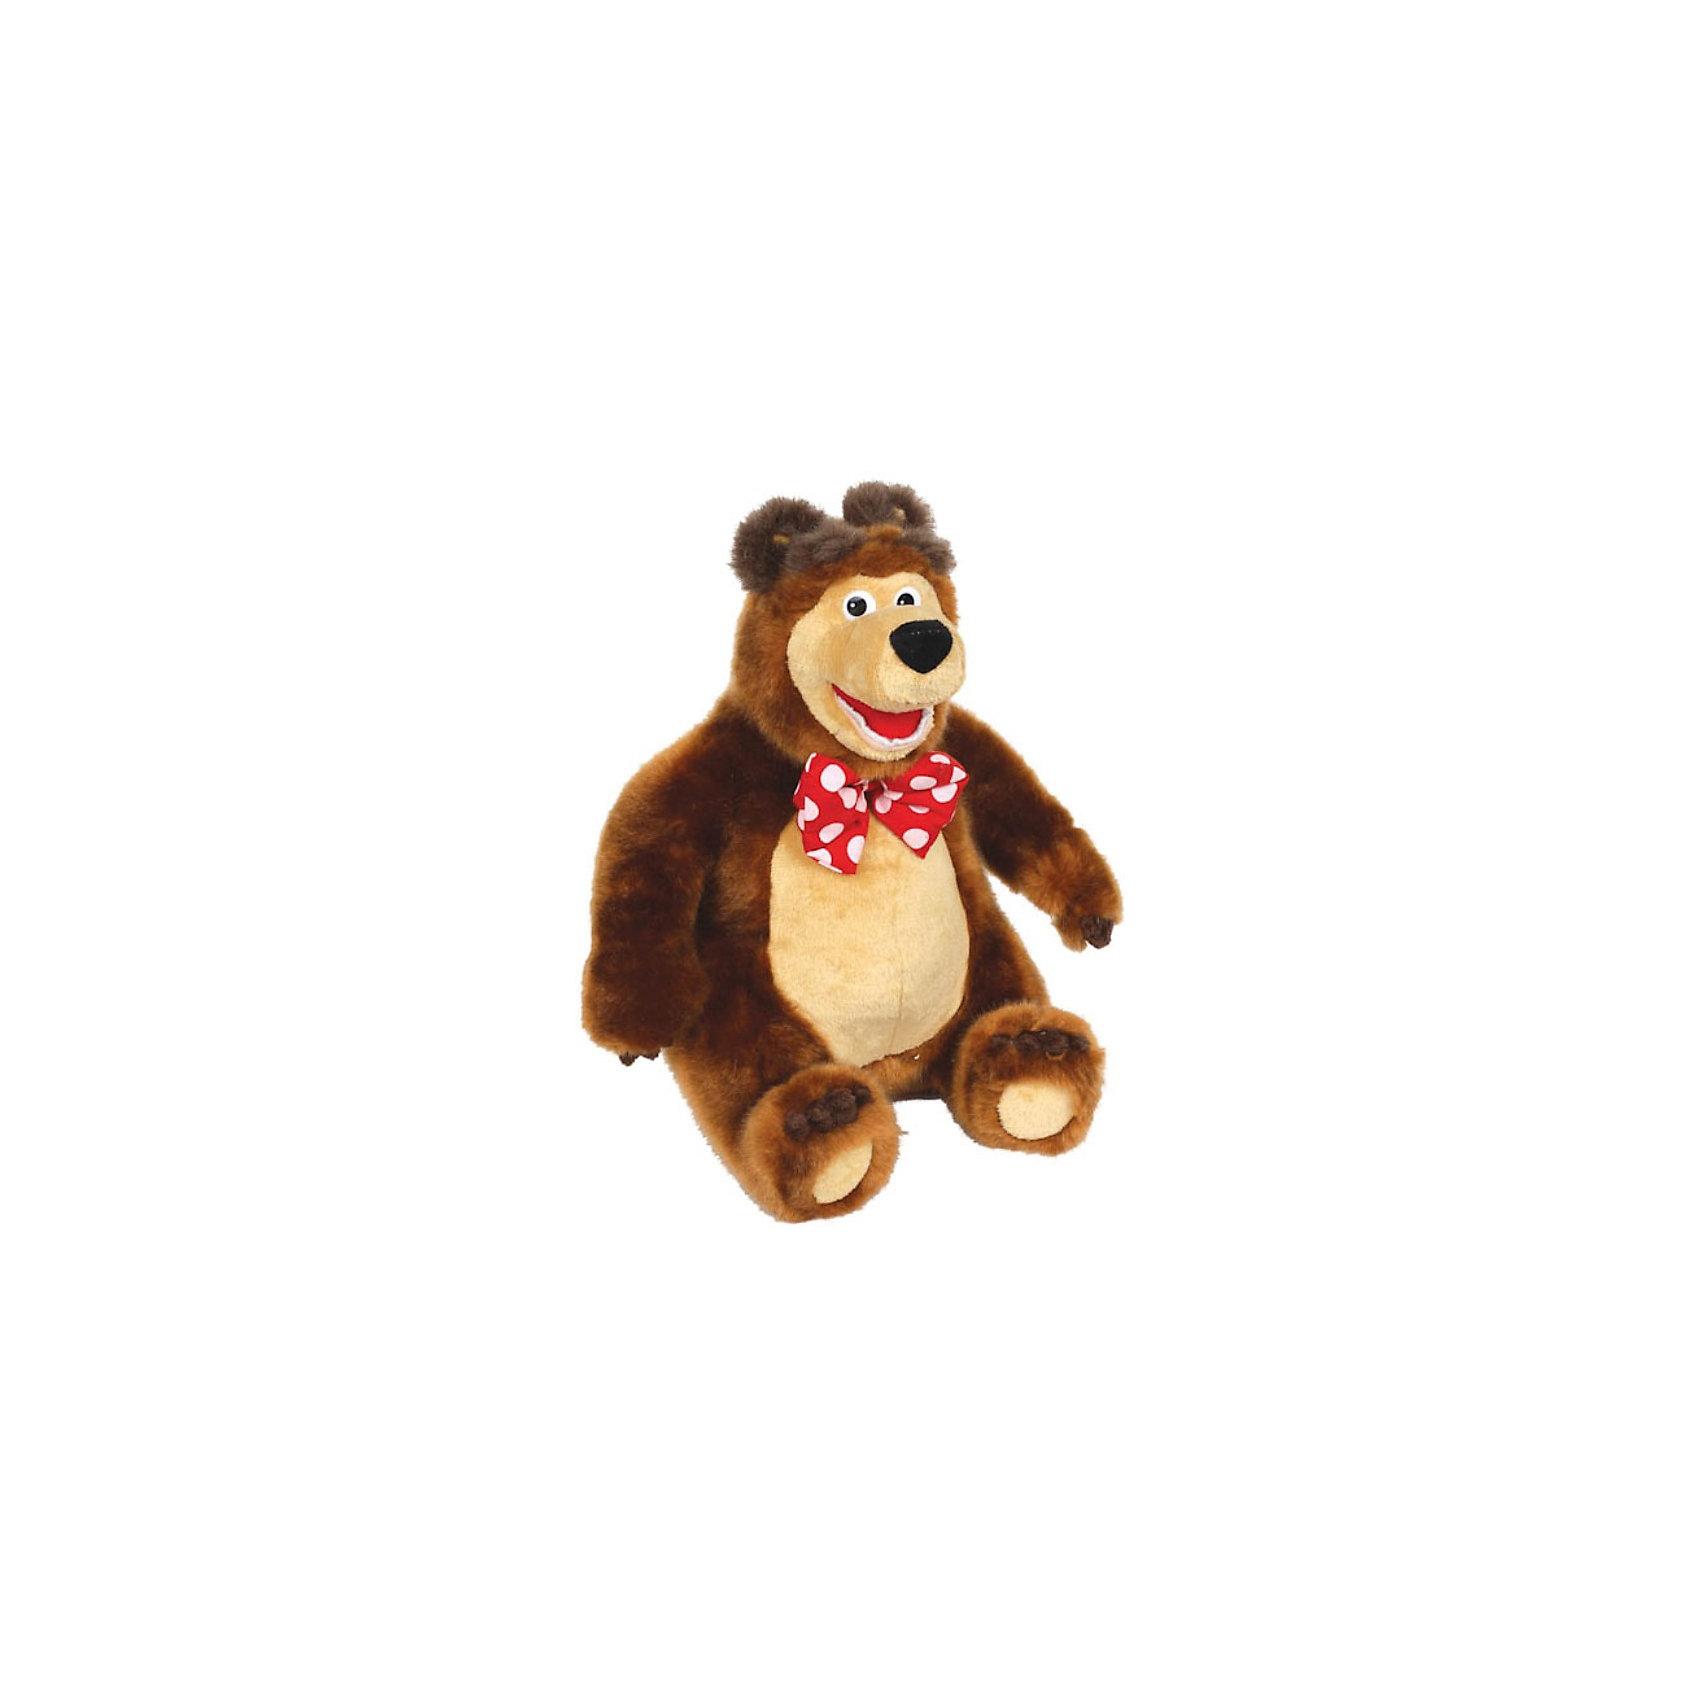 МУЛЬТИ-ПУЛЬТИ Мягкая игрушка Мишка, Маша и Медведь, МУЛЬТИ-ПУЛЬТИ